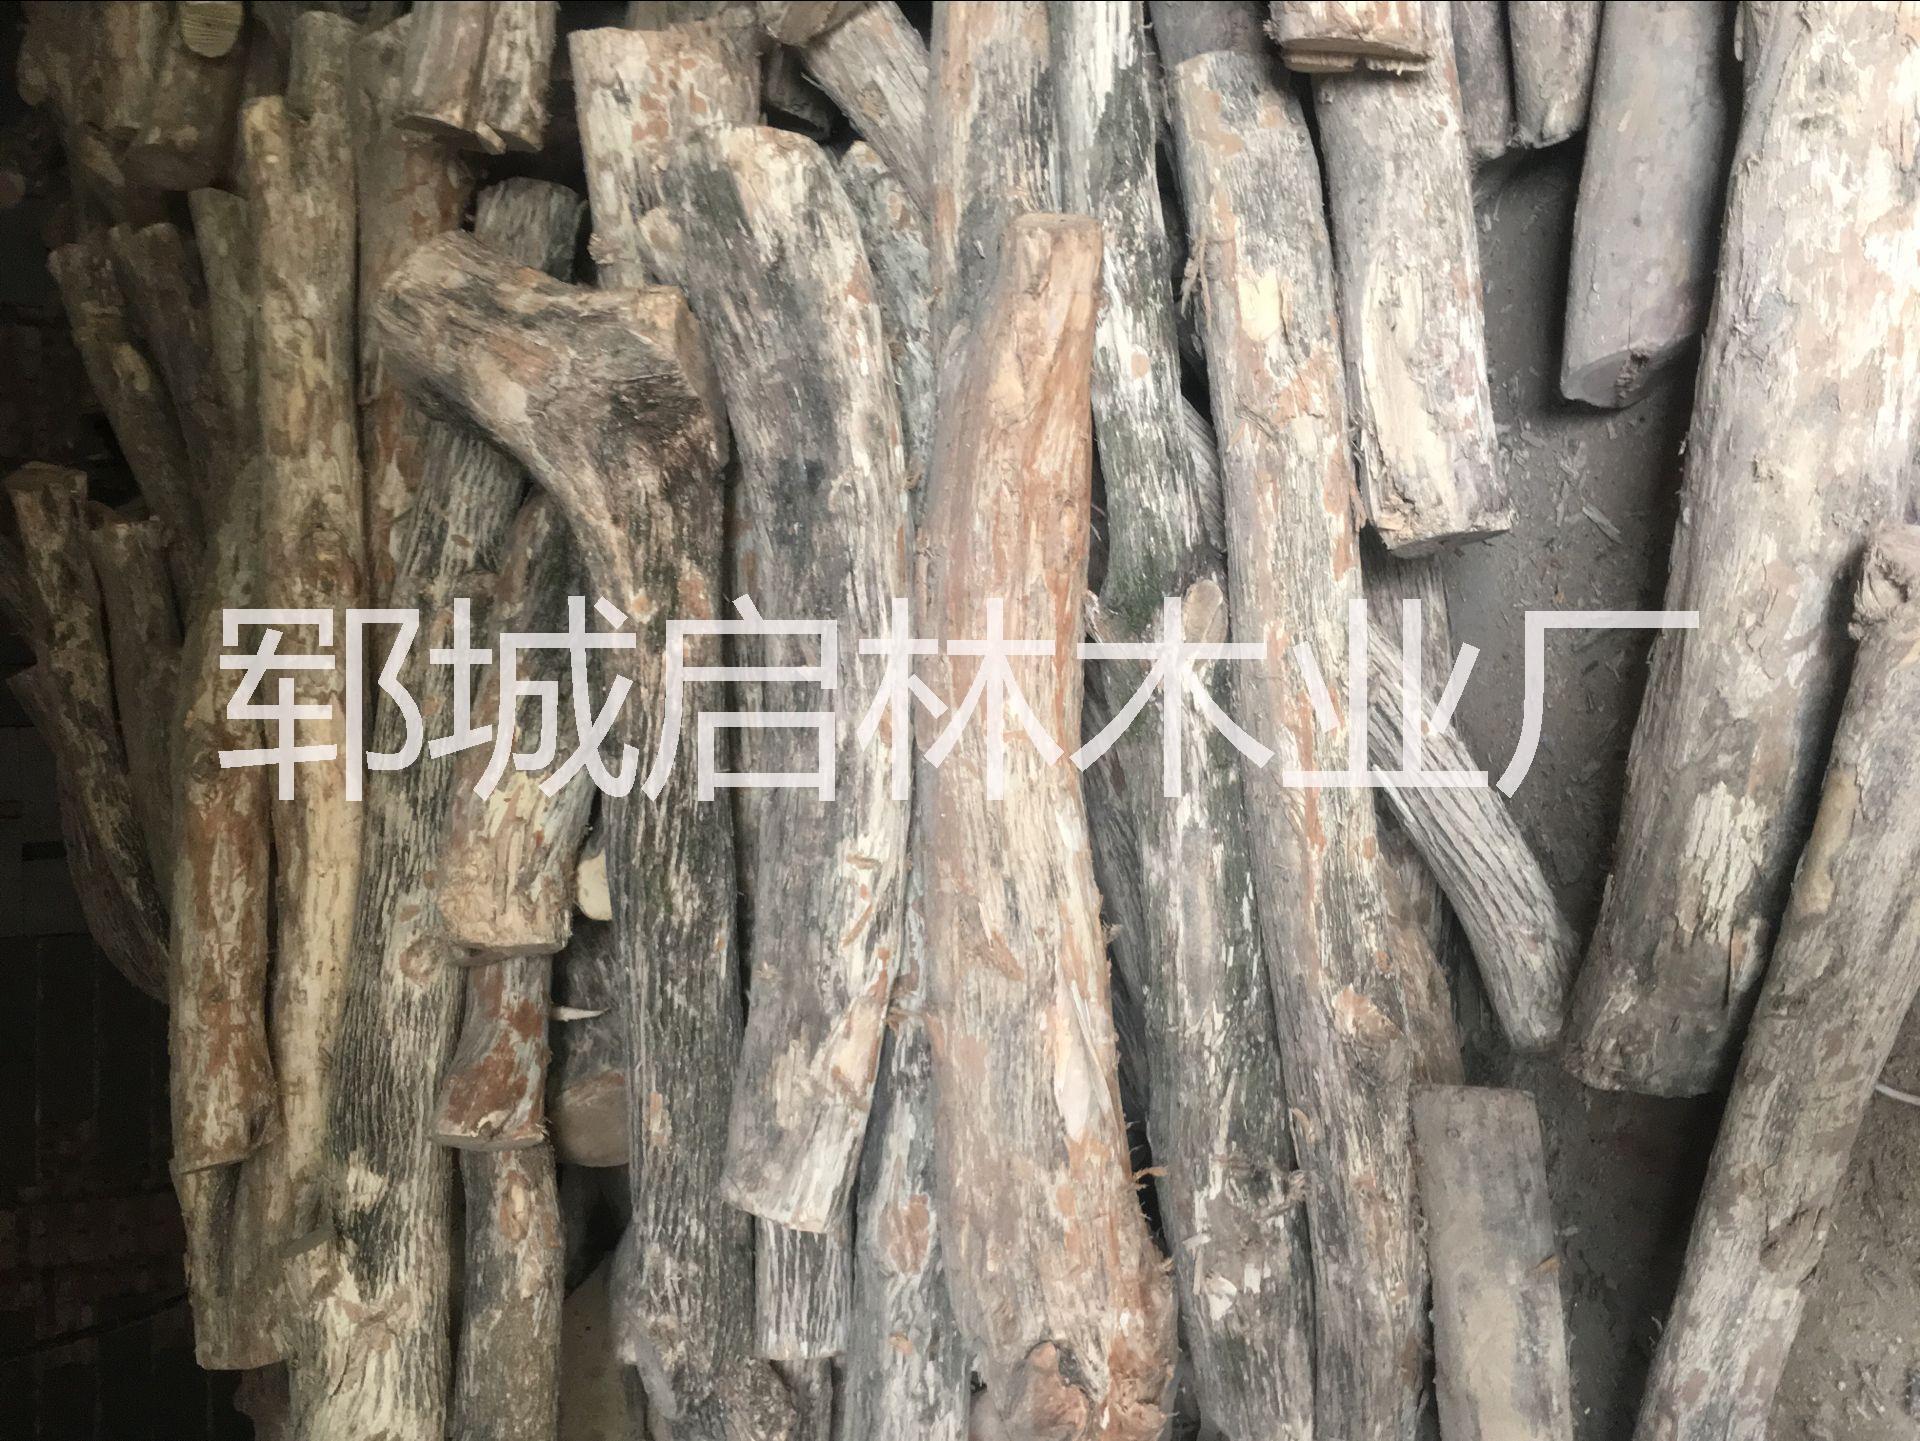 大批量出售用于工艺品/木雕的优质旱黄杨水黄杨批发/黄杨木原木价格